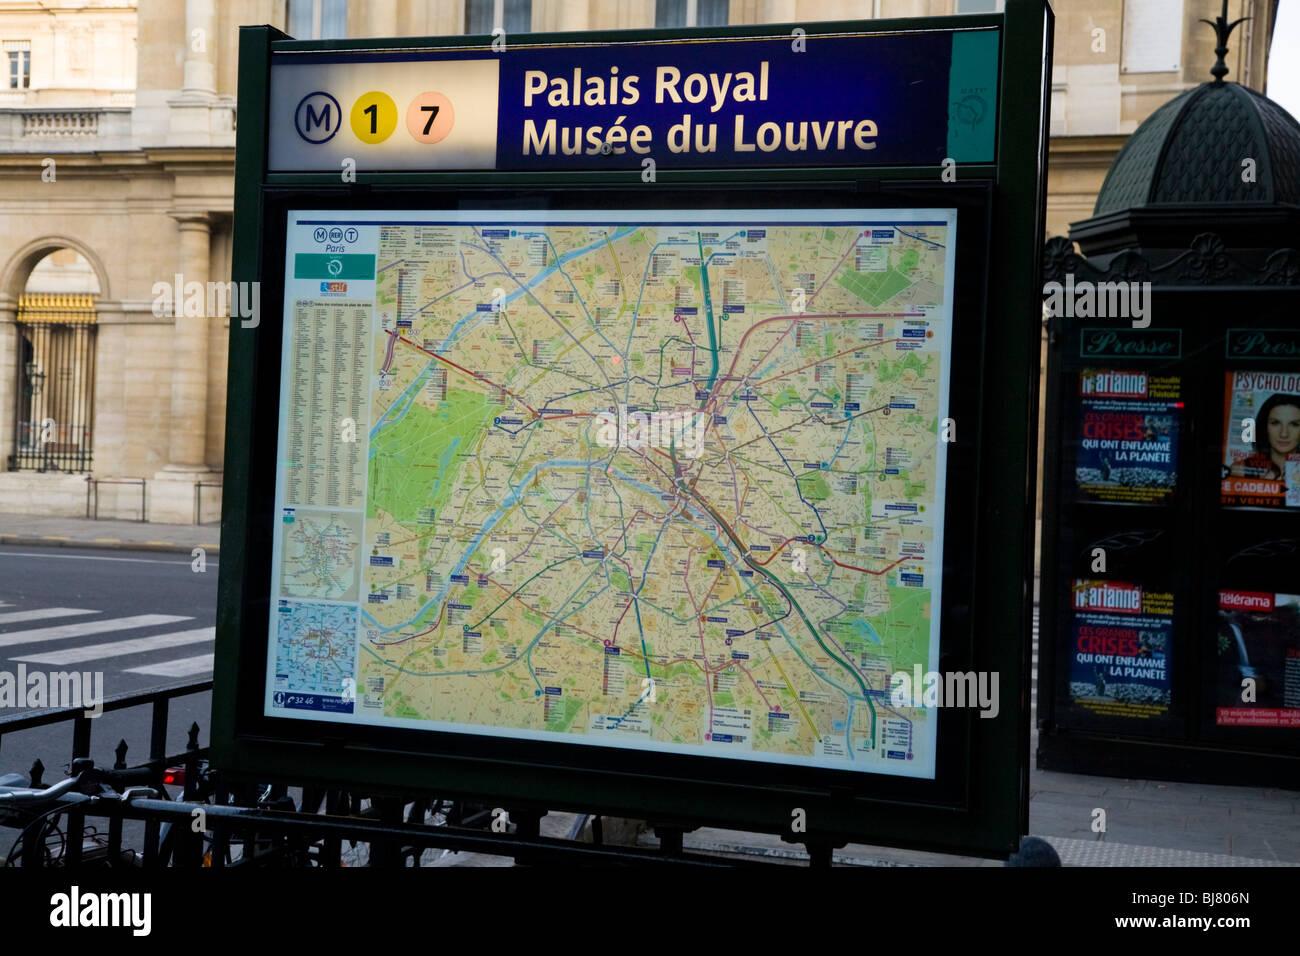 Metro Tube Street Tourist Information Street Map Of Paris - Paris street map with metro stations